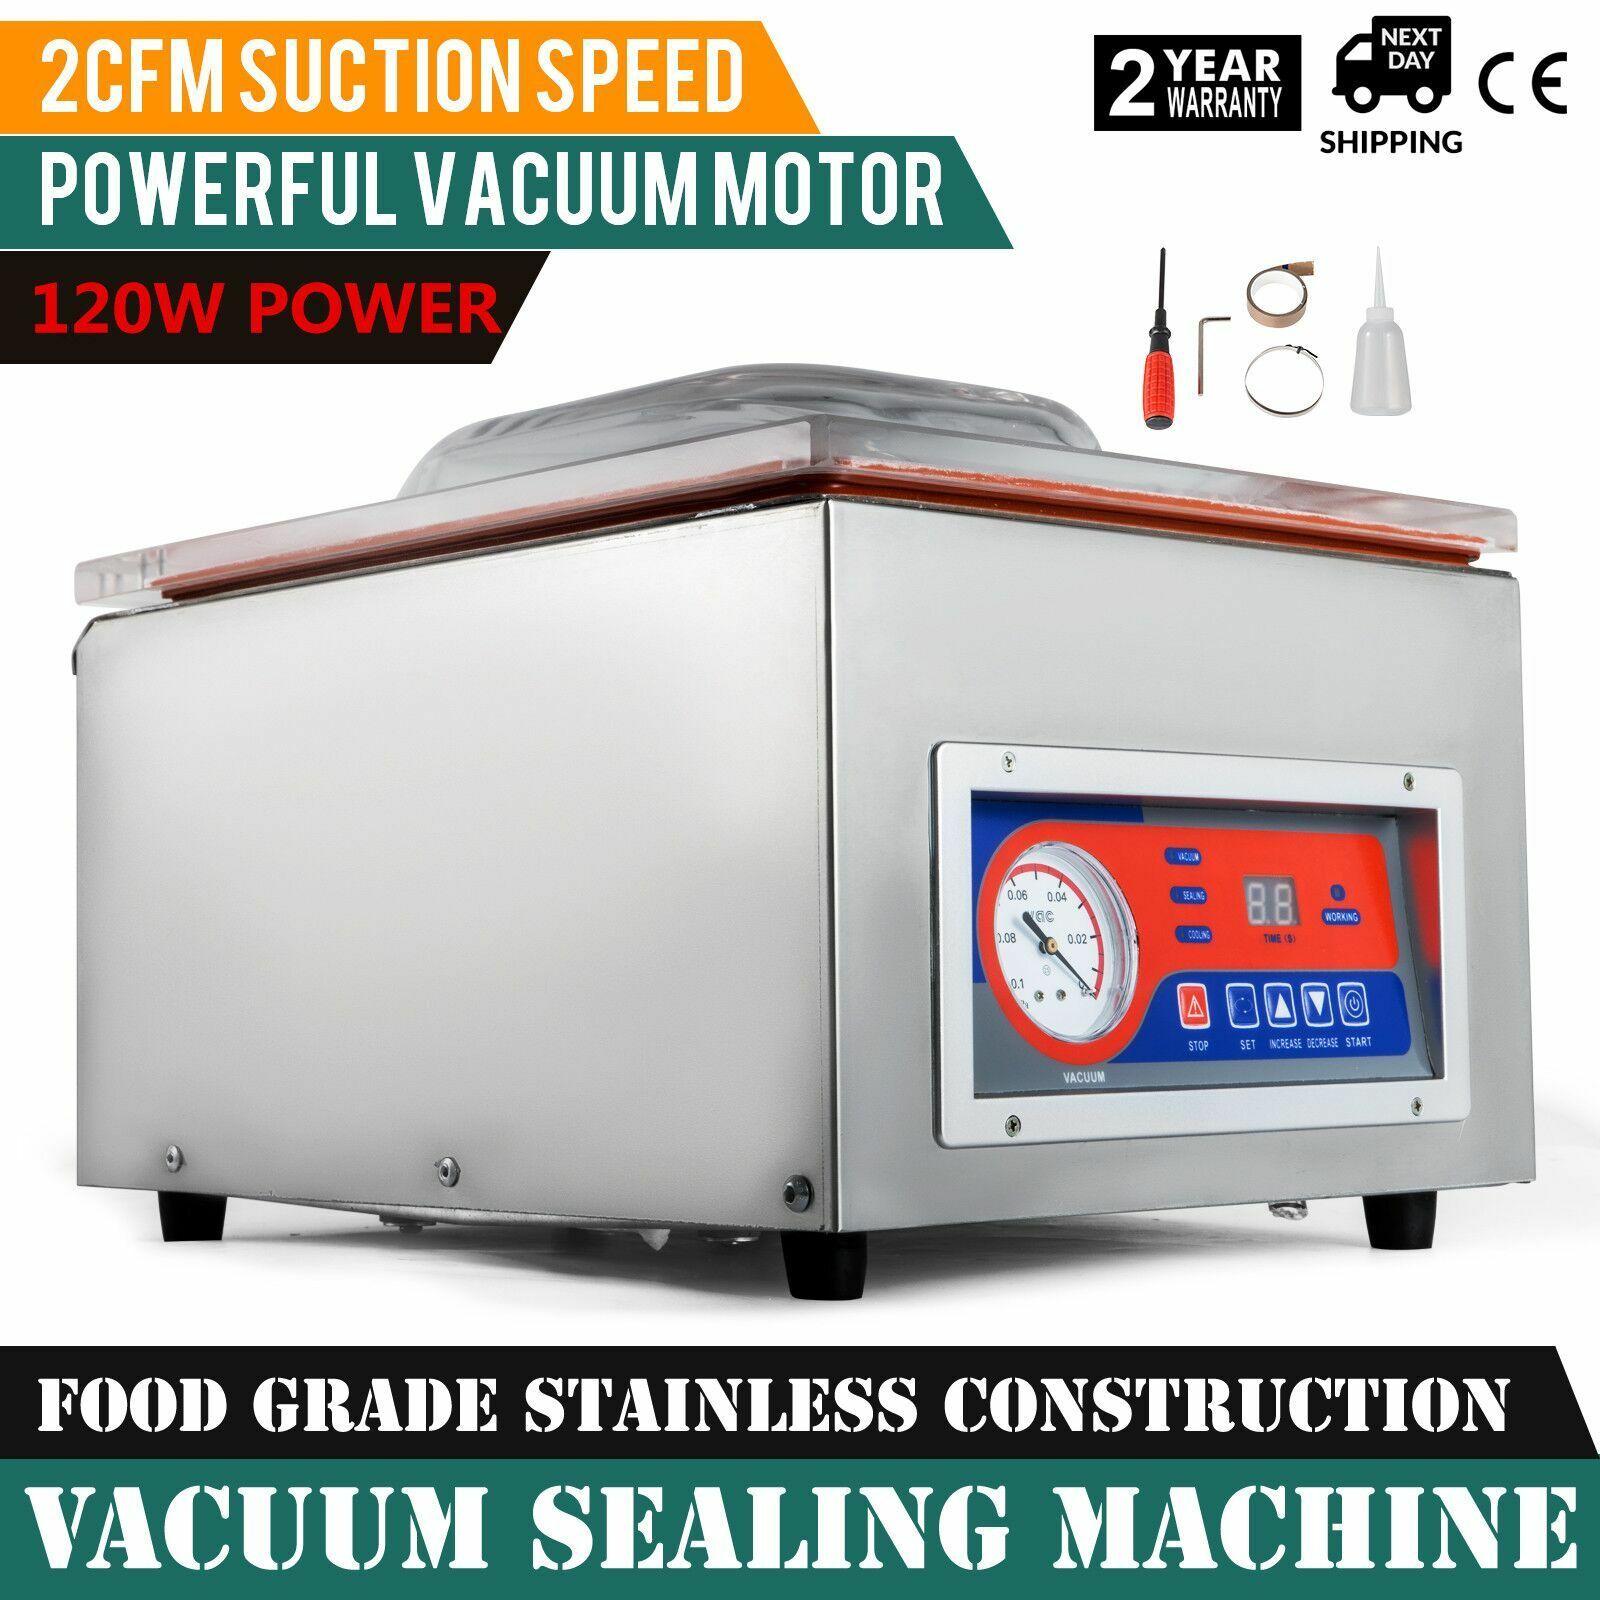 Professional Vacuum Sealer Vacuum Sealer Suction Speed 2CFM